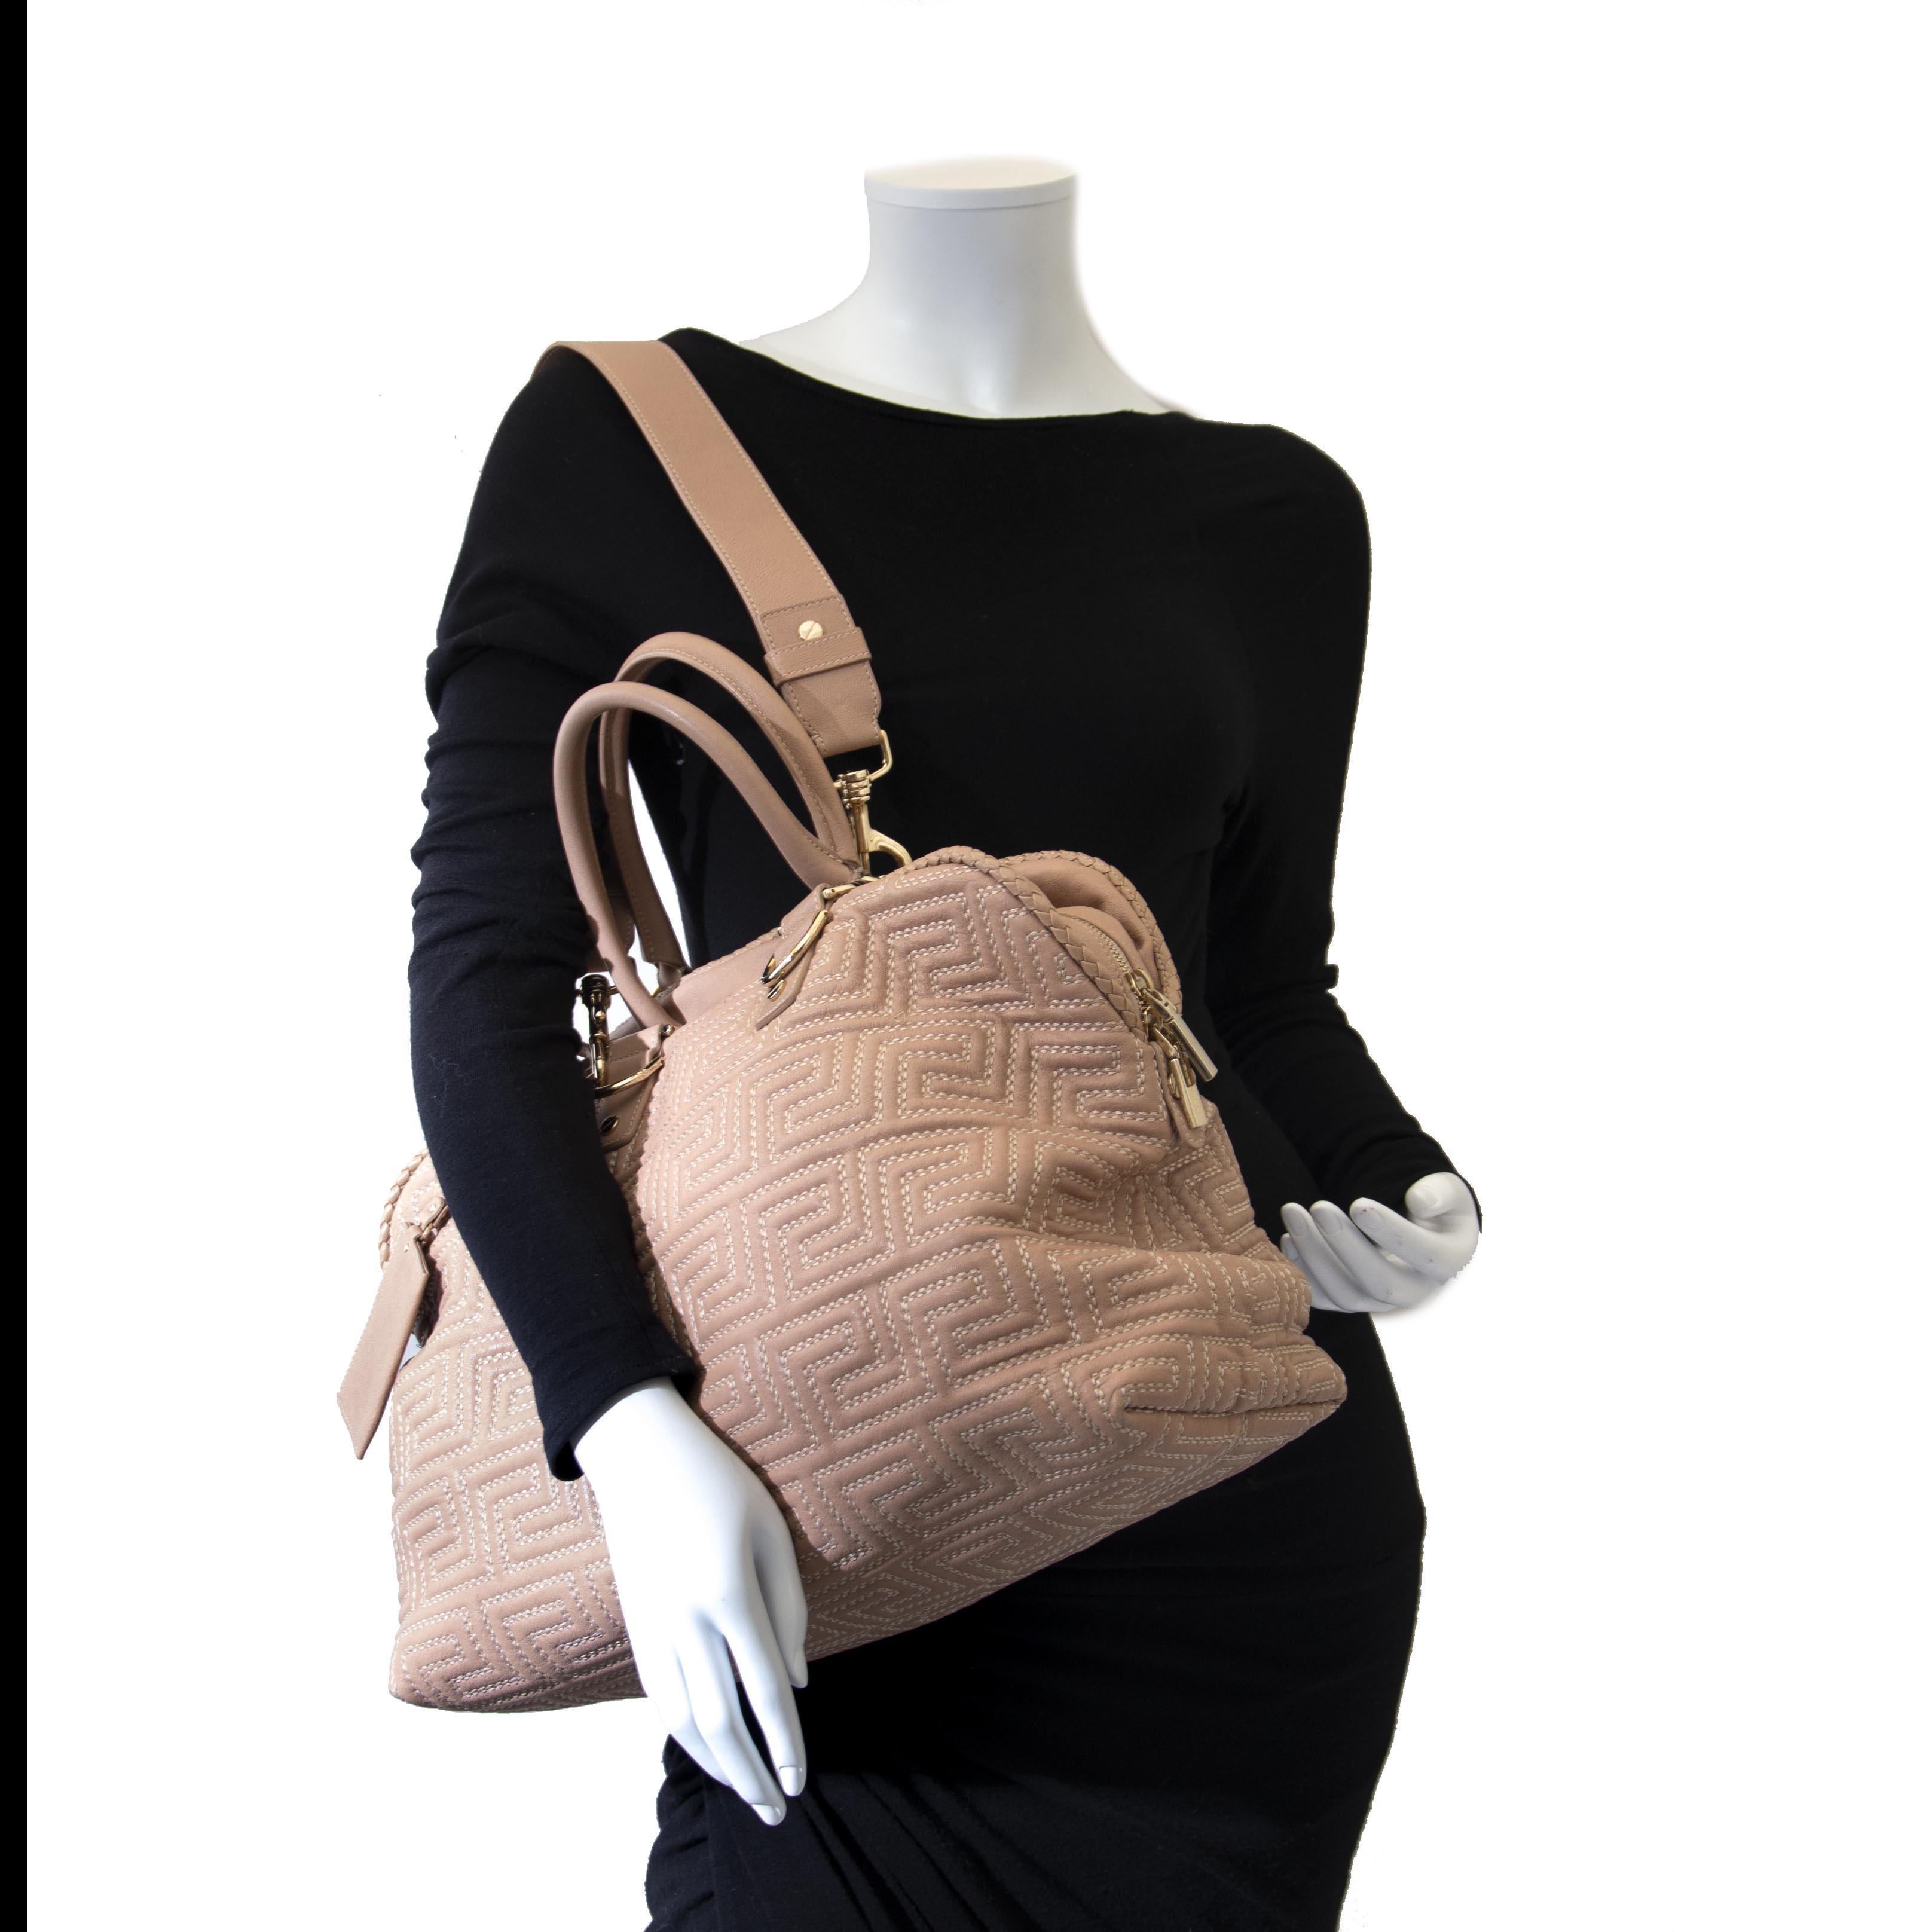 Tweedehands roze Versace handtas bij Labellov. Tweedehands handtassen van designermerken